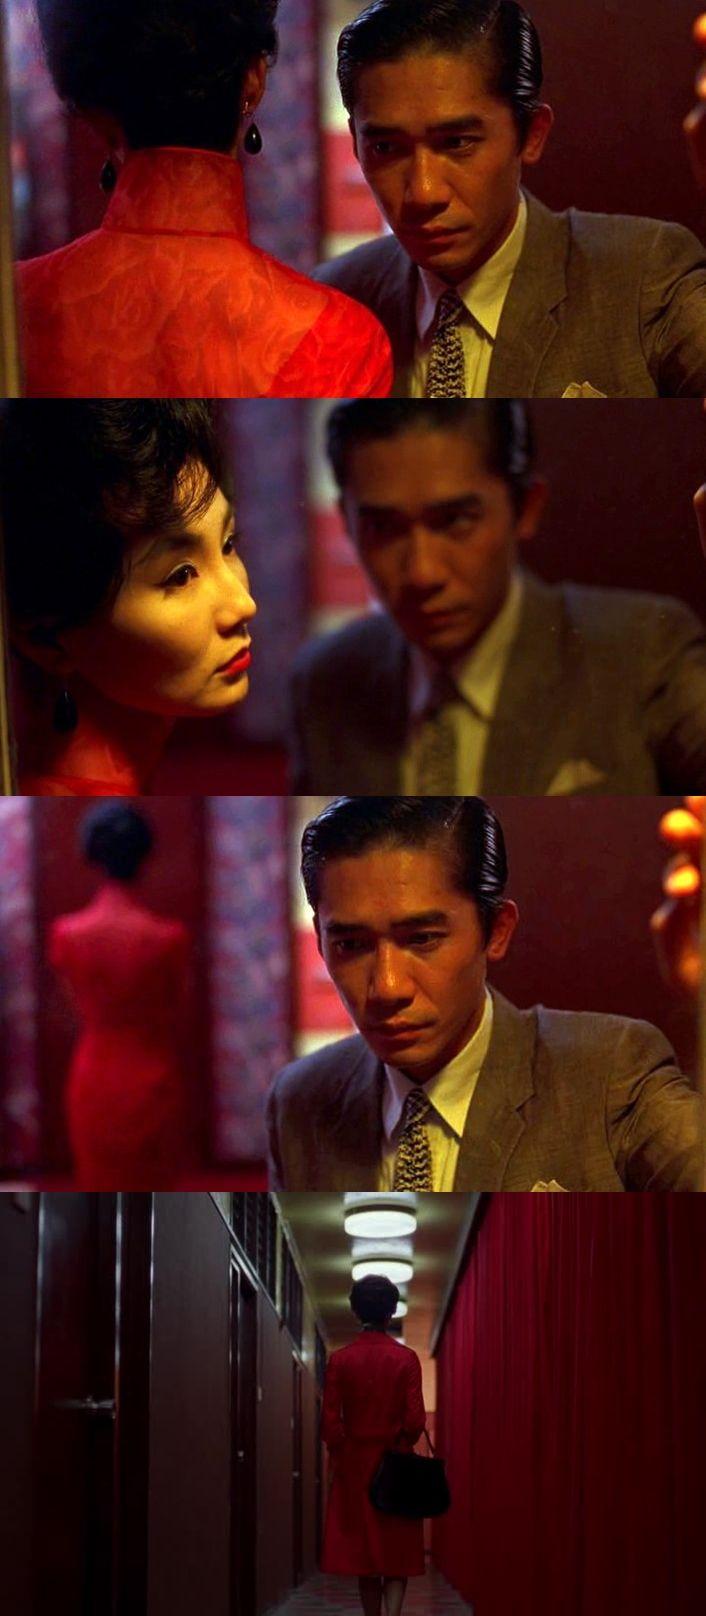 Теплые краски, интригующие шорохи, молчаливые стены и грустный дождь. Возможность найти любовь через предательство, невозможность забыть предательство через любовь. Отчаянный взгляд и нечаянная любовь. Два одиночества и одиночество вдвоем. И красное платье Мэгги Чун (MaggieCheung), отделяющее до от после... Любовное настроение / Fa yeung nin wa (2000)